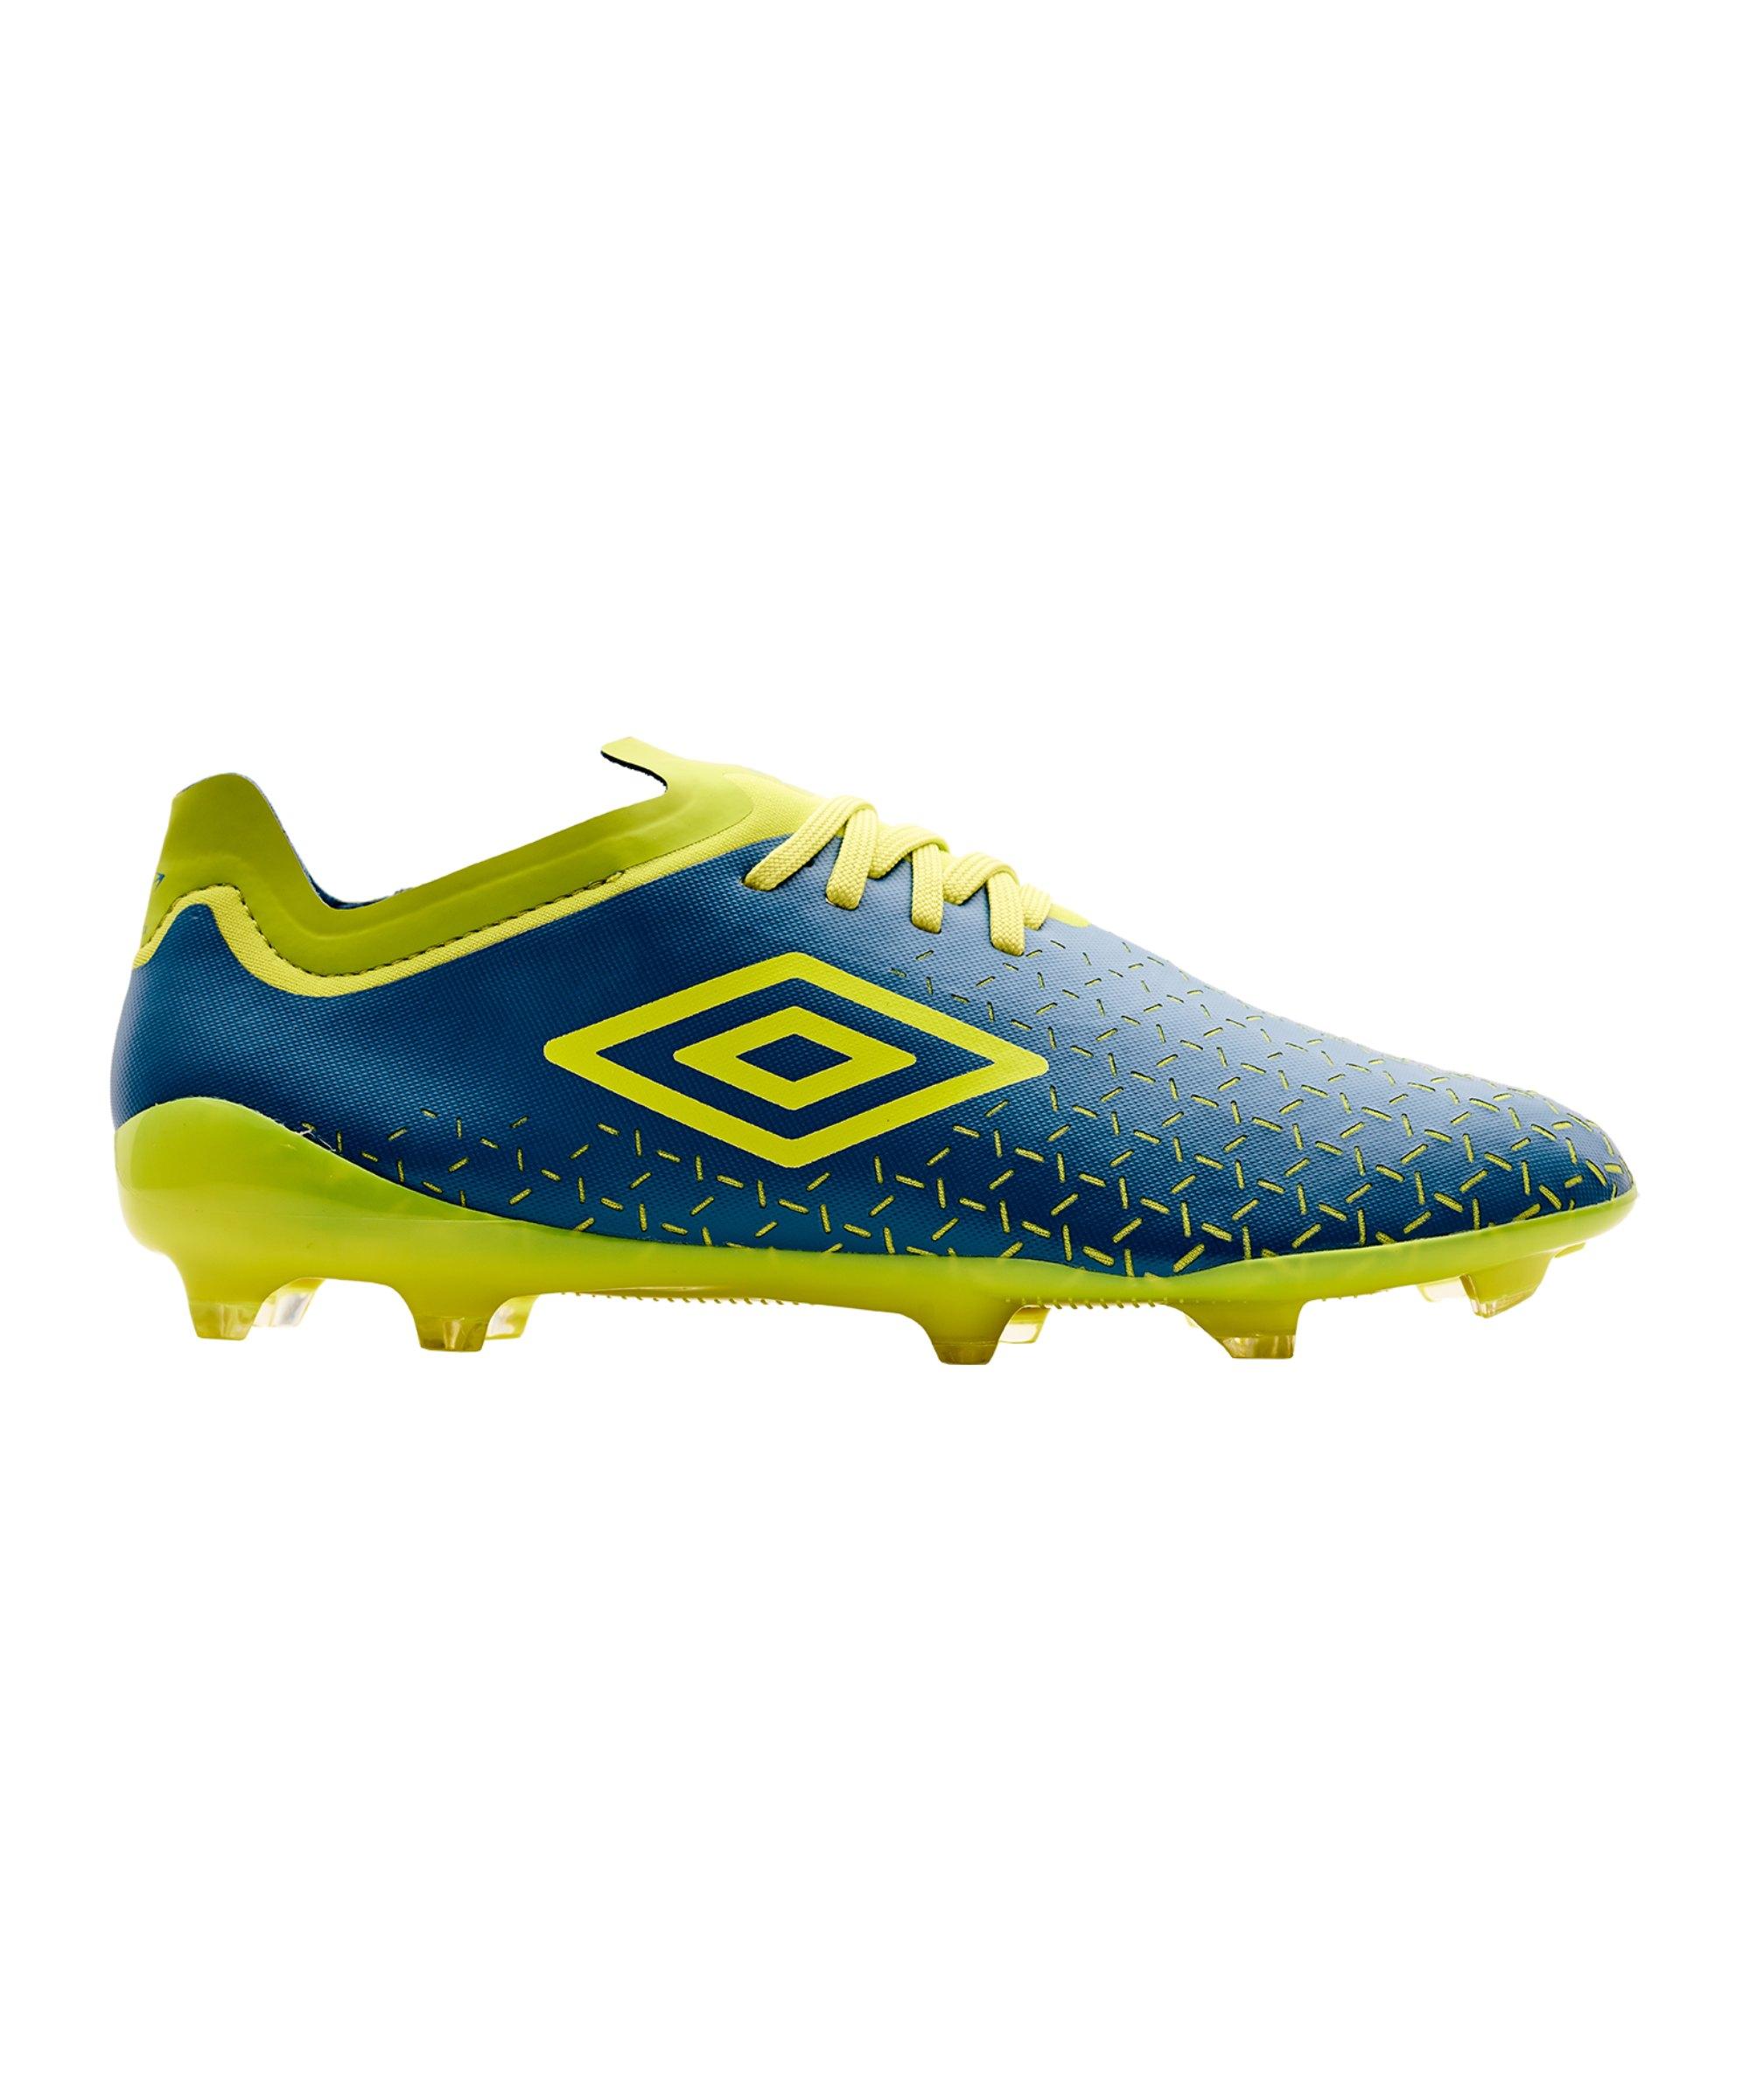 Umbro Velocita V Pro FG Blau FJM7 - blau